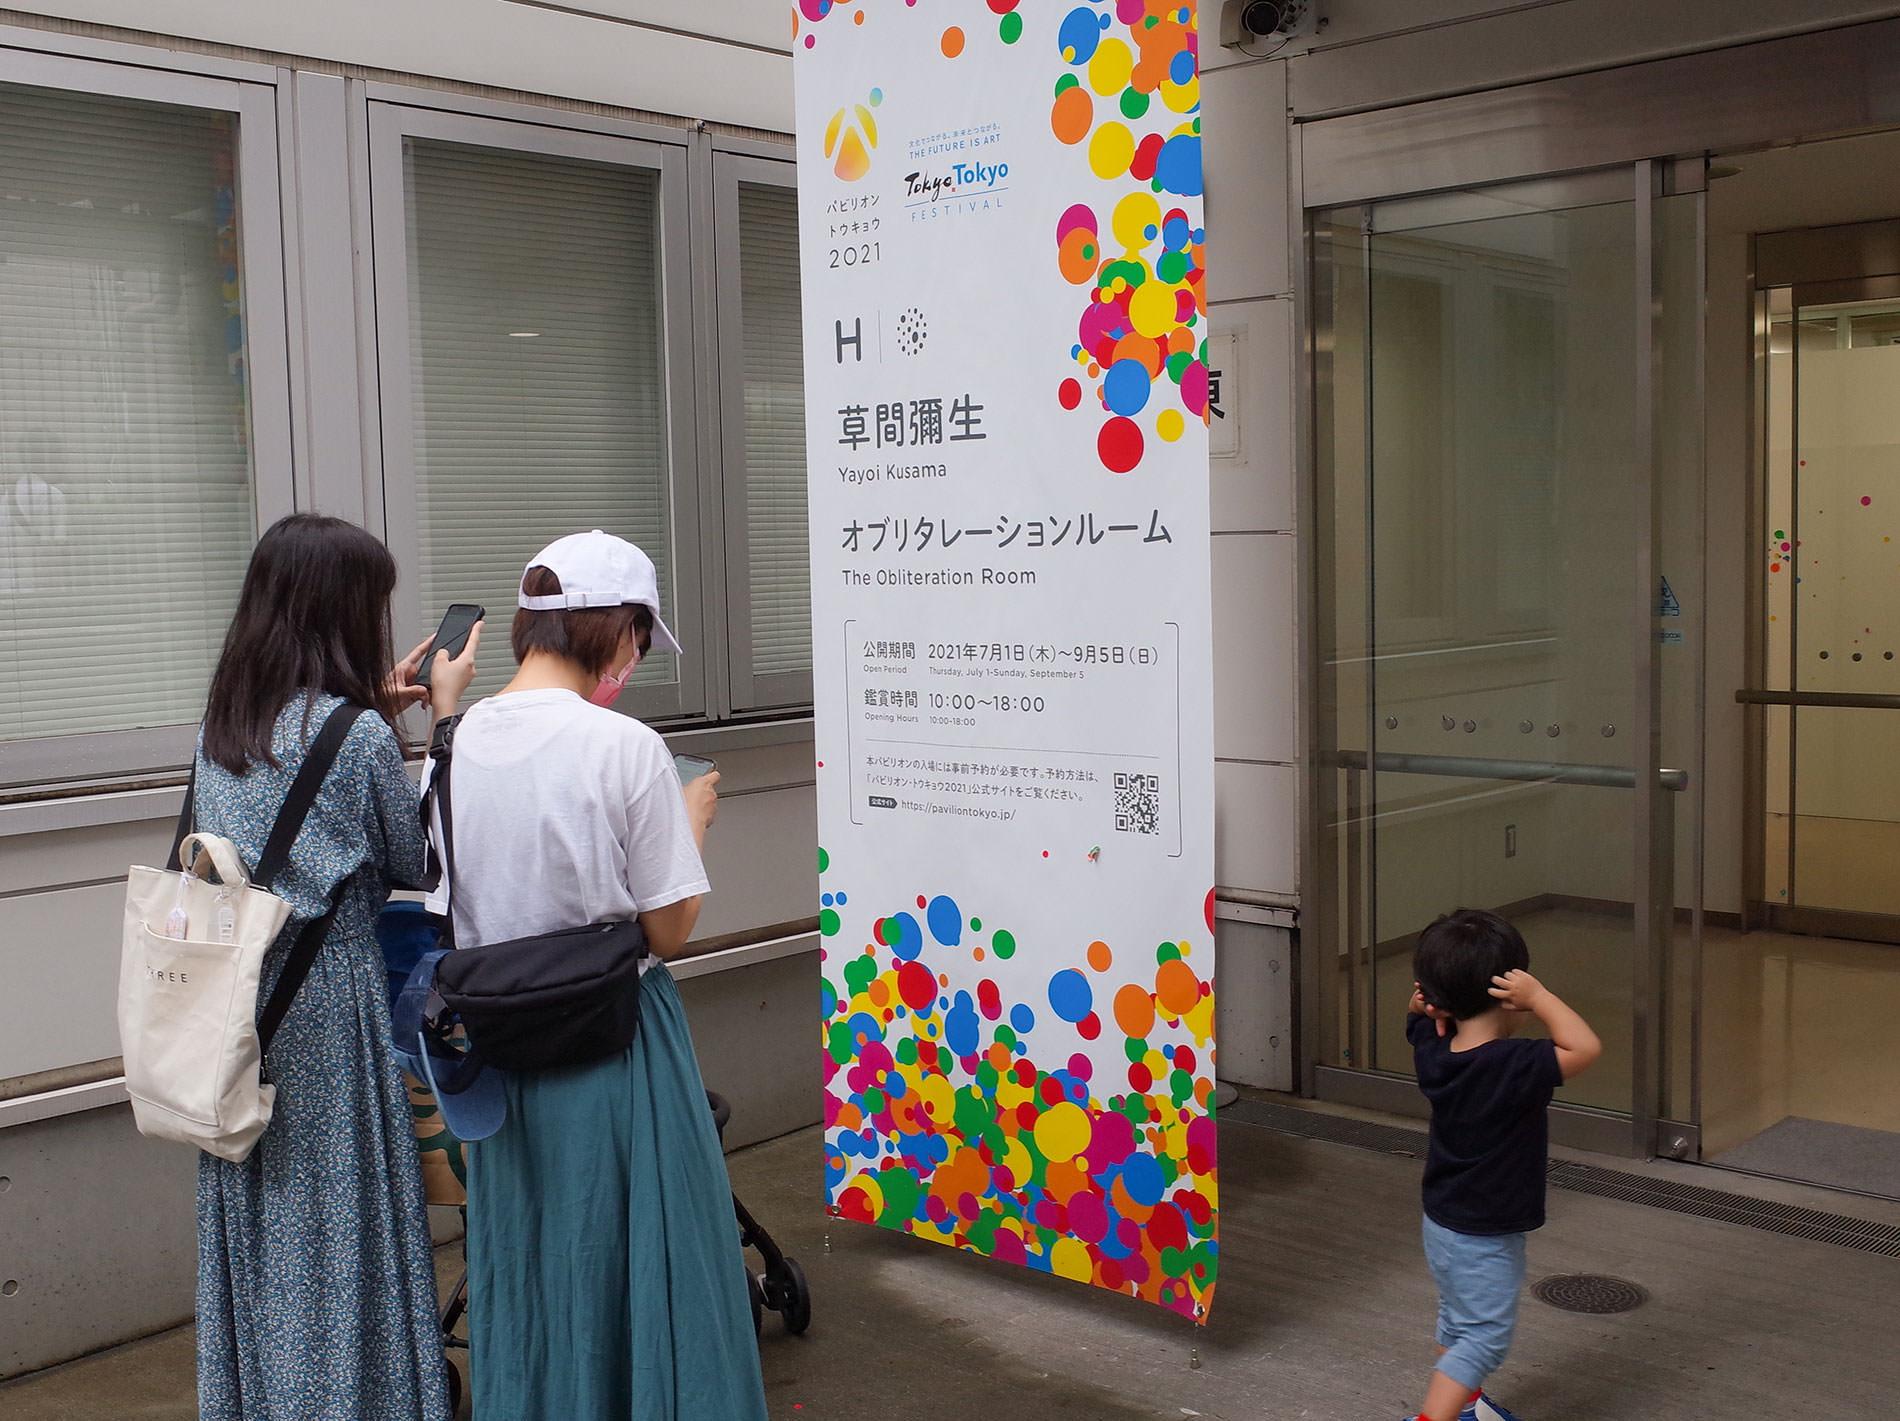 草間彌生 オブリタレーションルーム | パビリオン・トウキョウ2021 / The Obliteration room Tokyo 2021